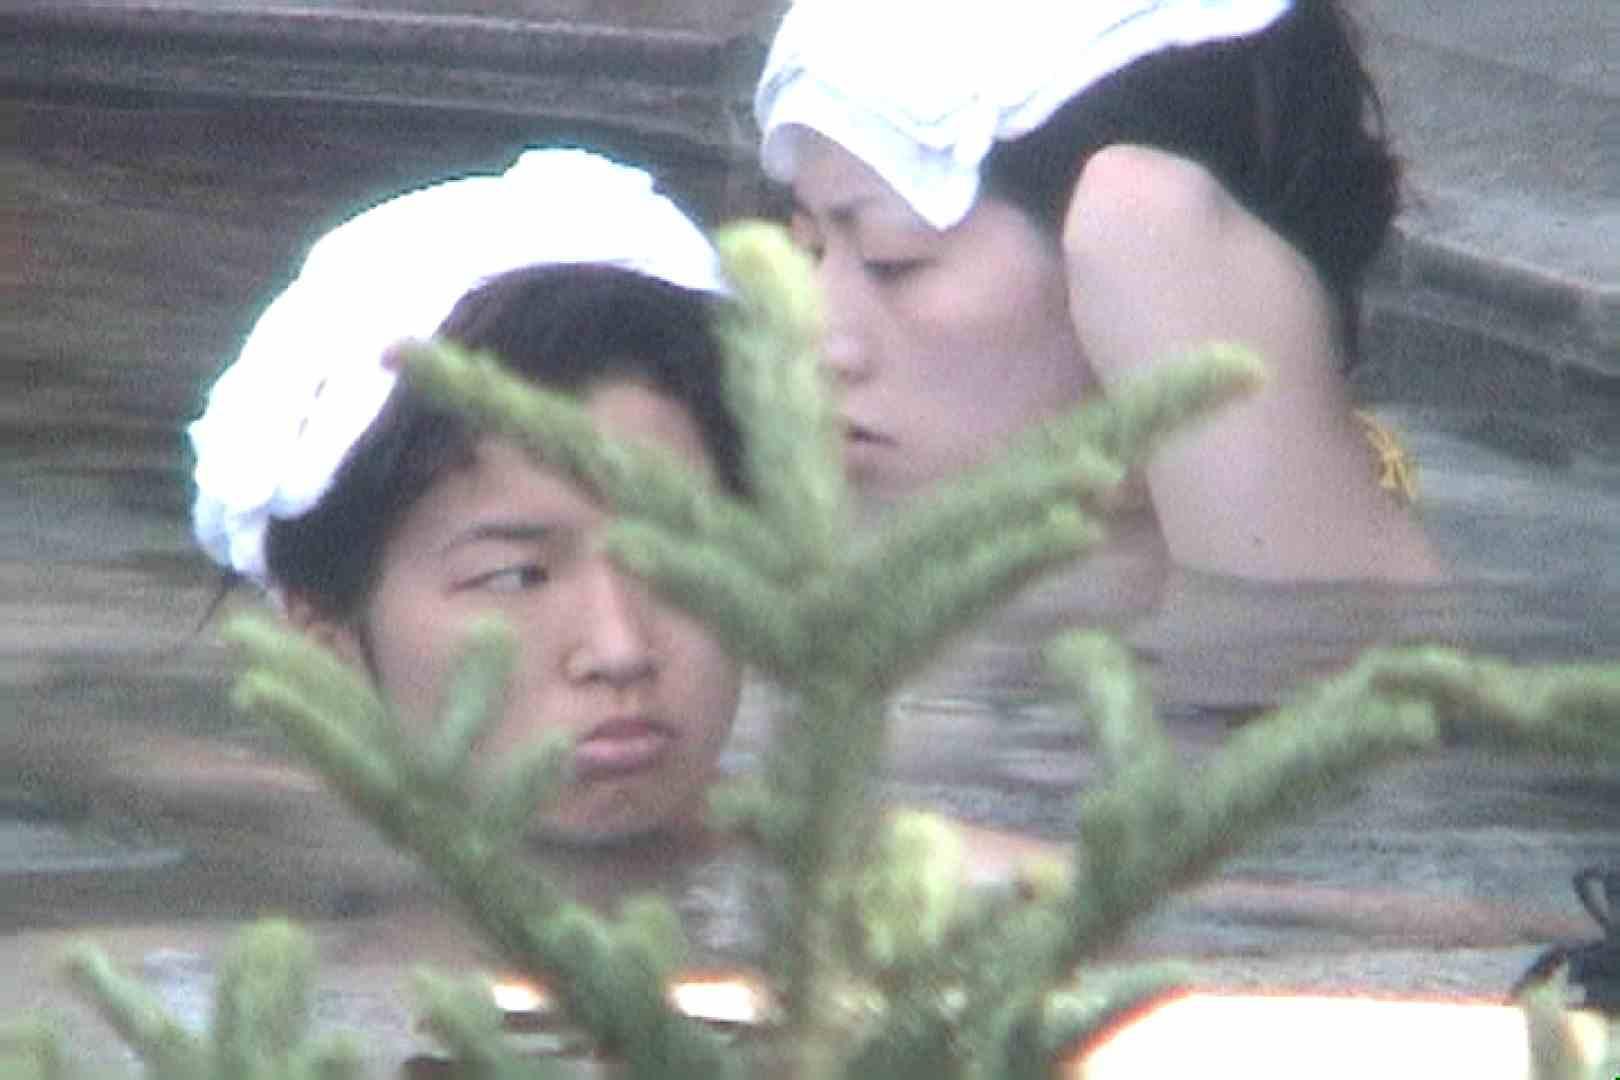 Aquaな露天風呂Vol.80【VIP限定】 盗撮動画  10枚 2